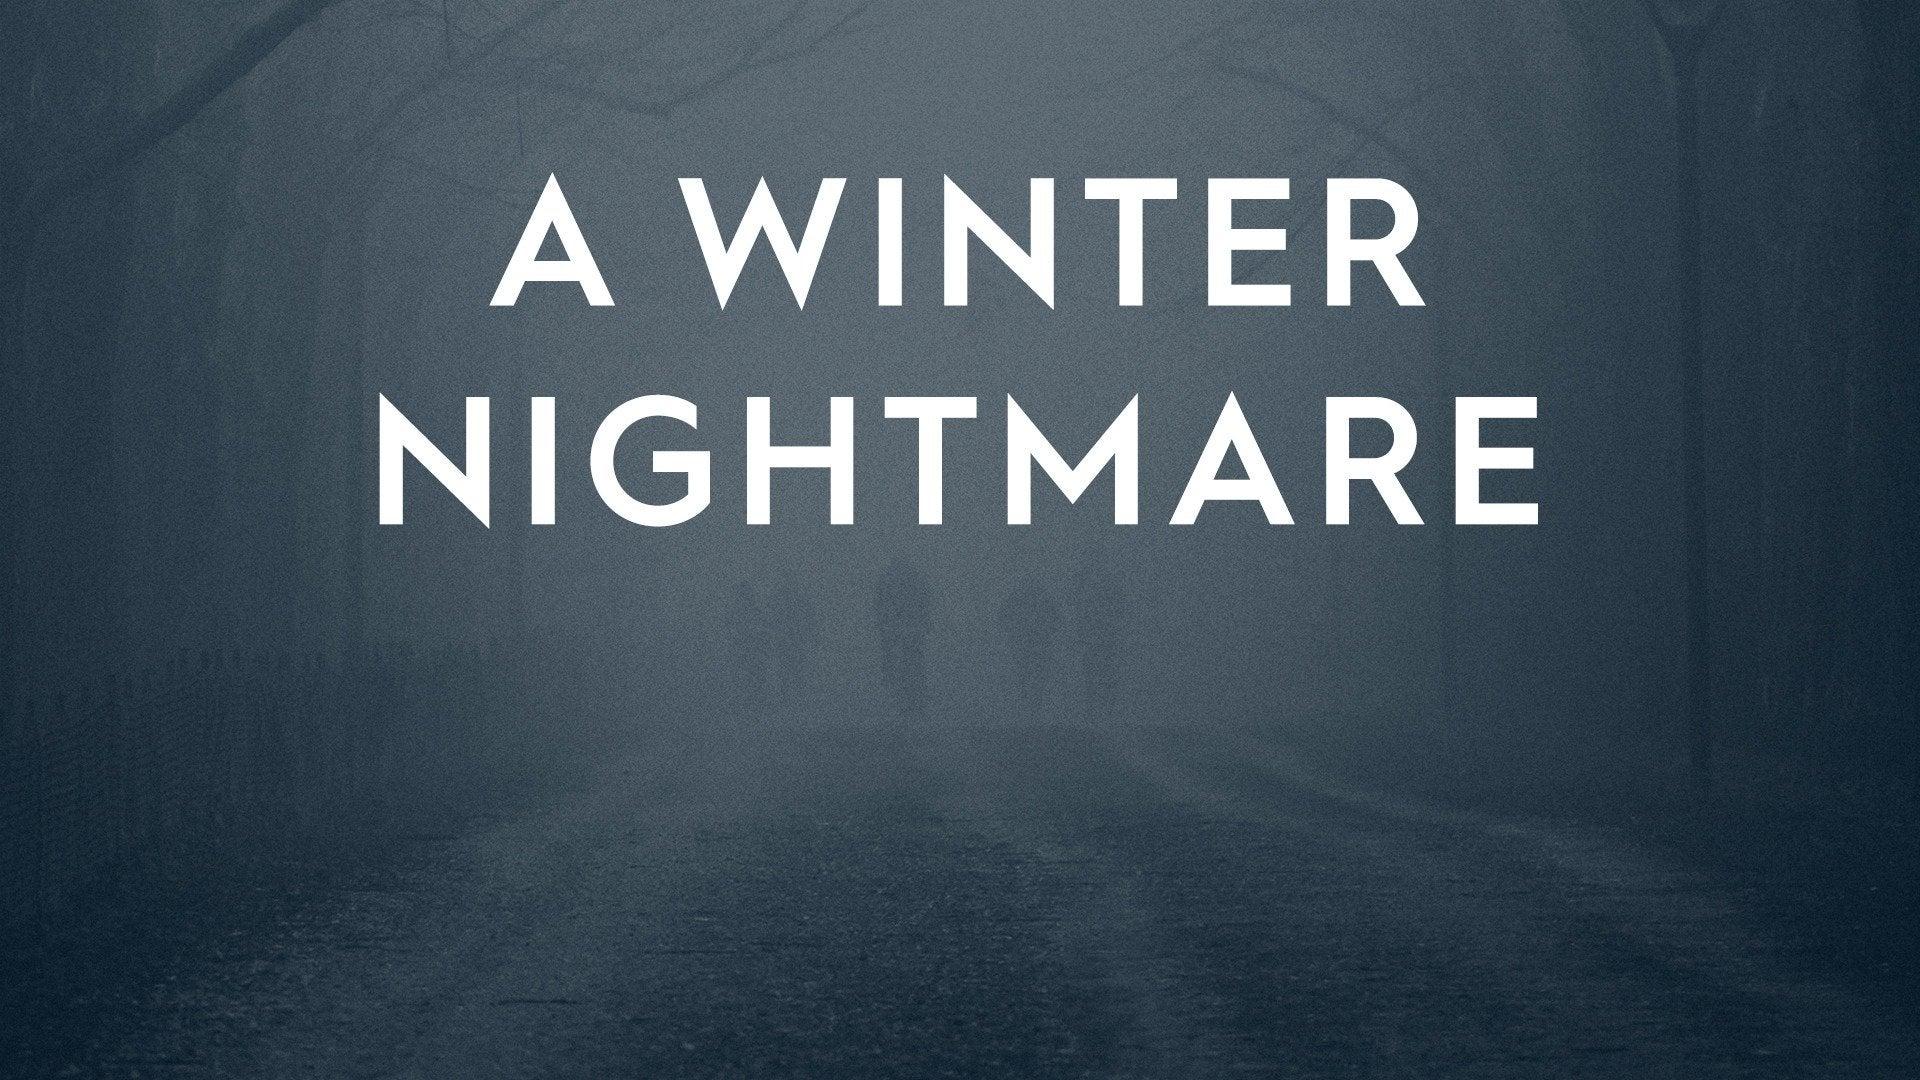 A Winter Nightmare